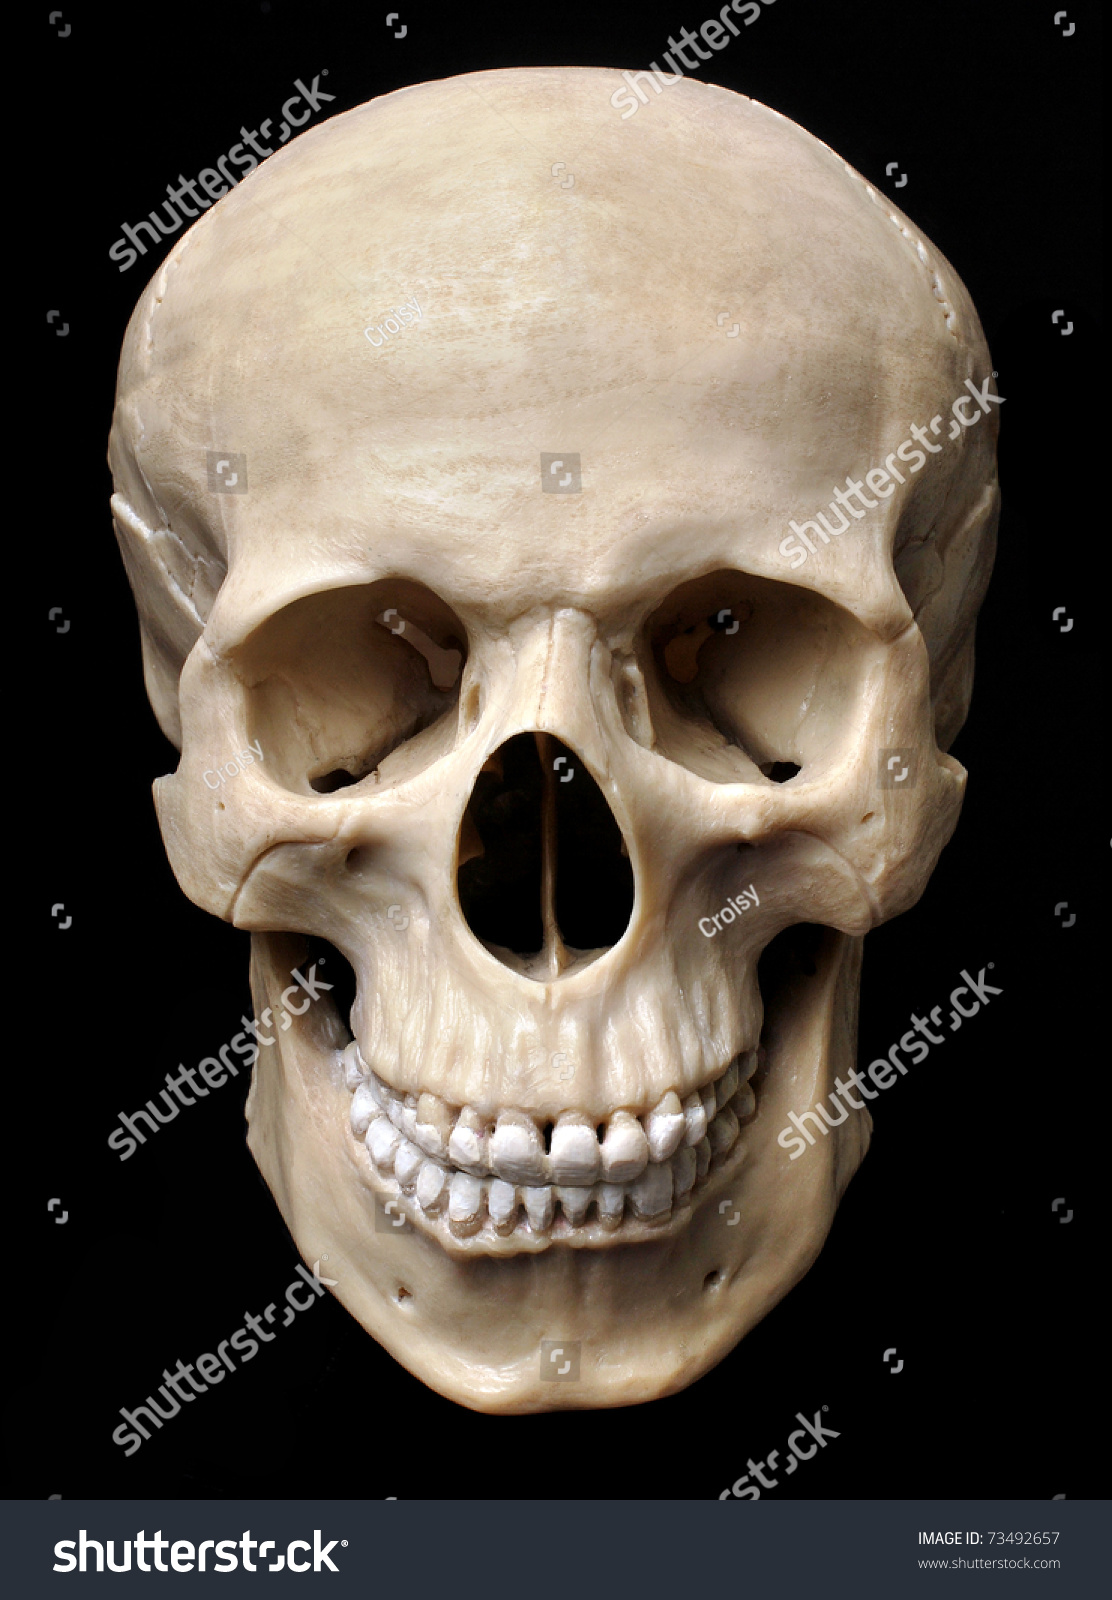 Human Skull Model Stock Shutterstock